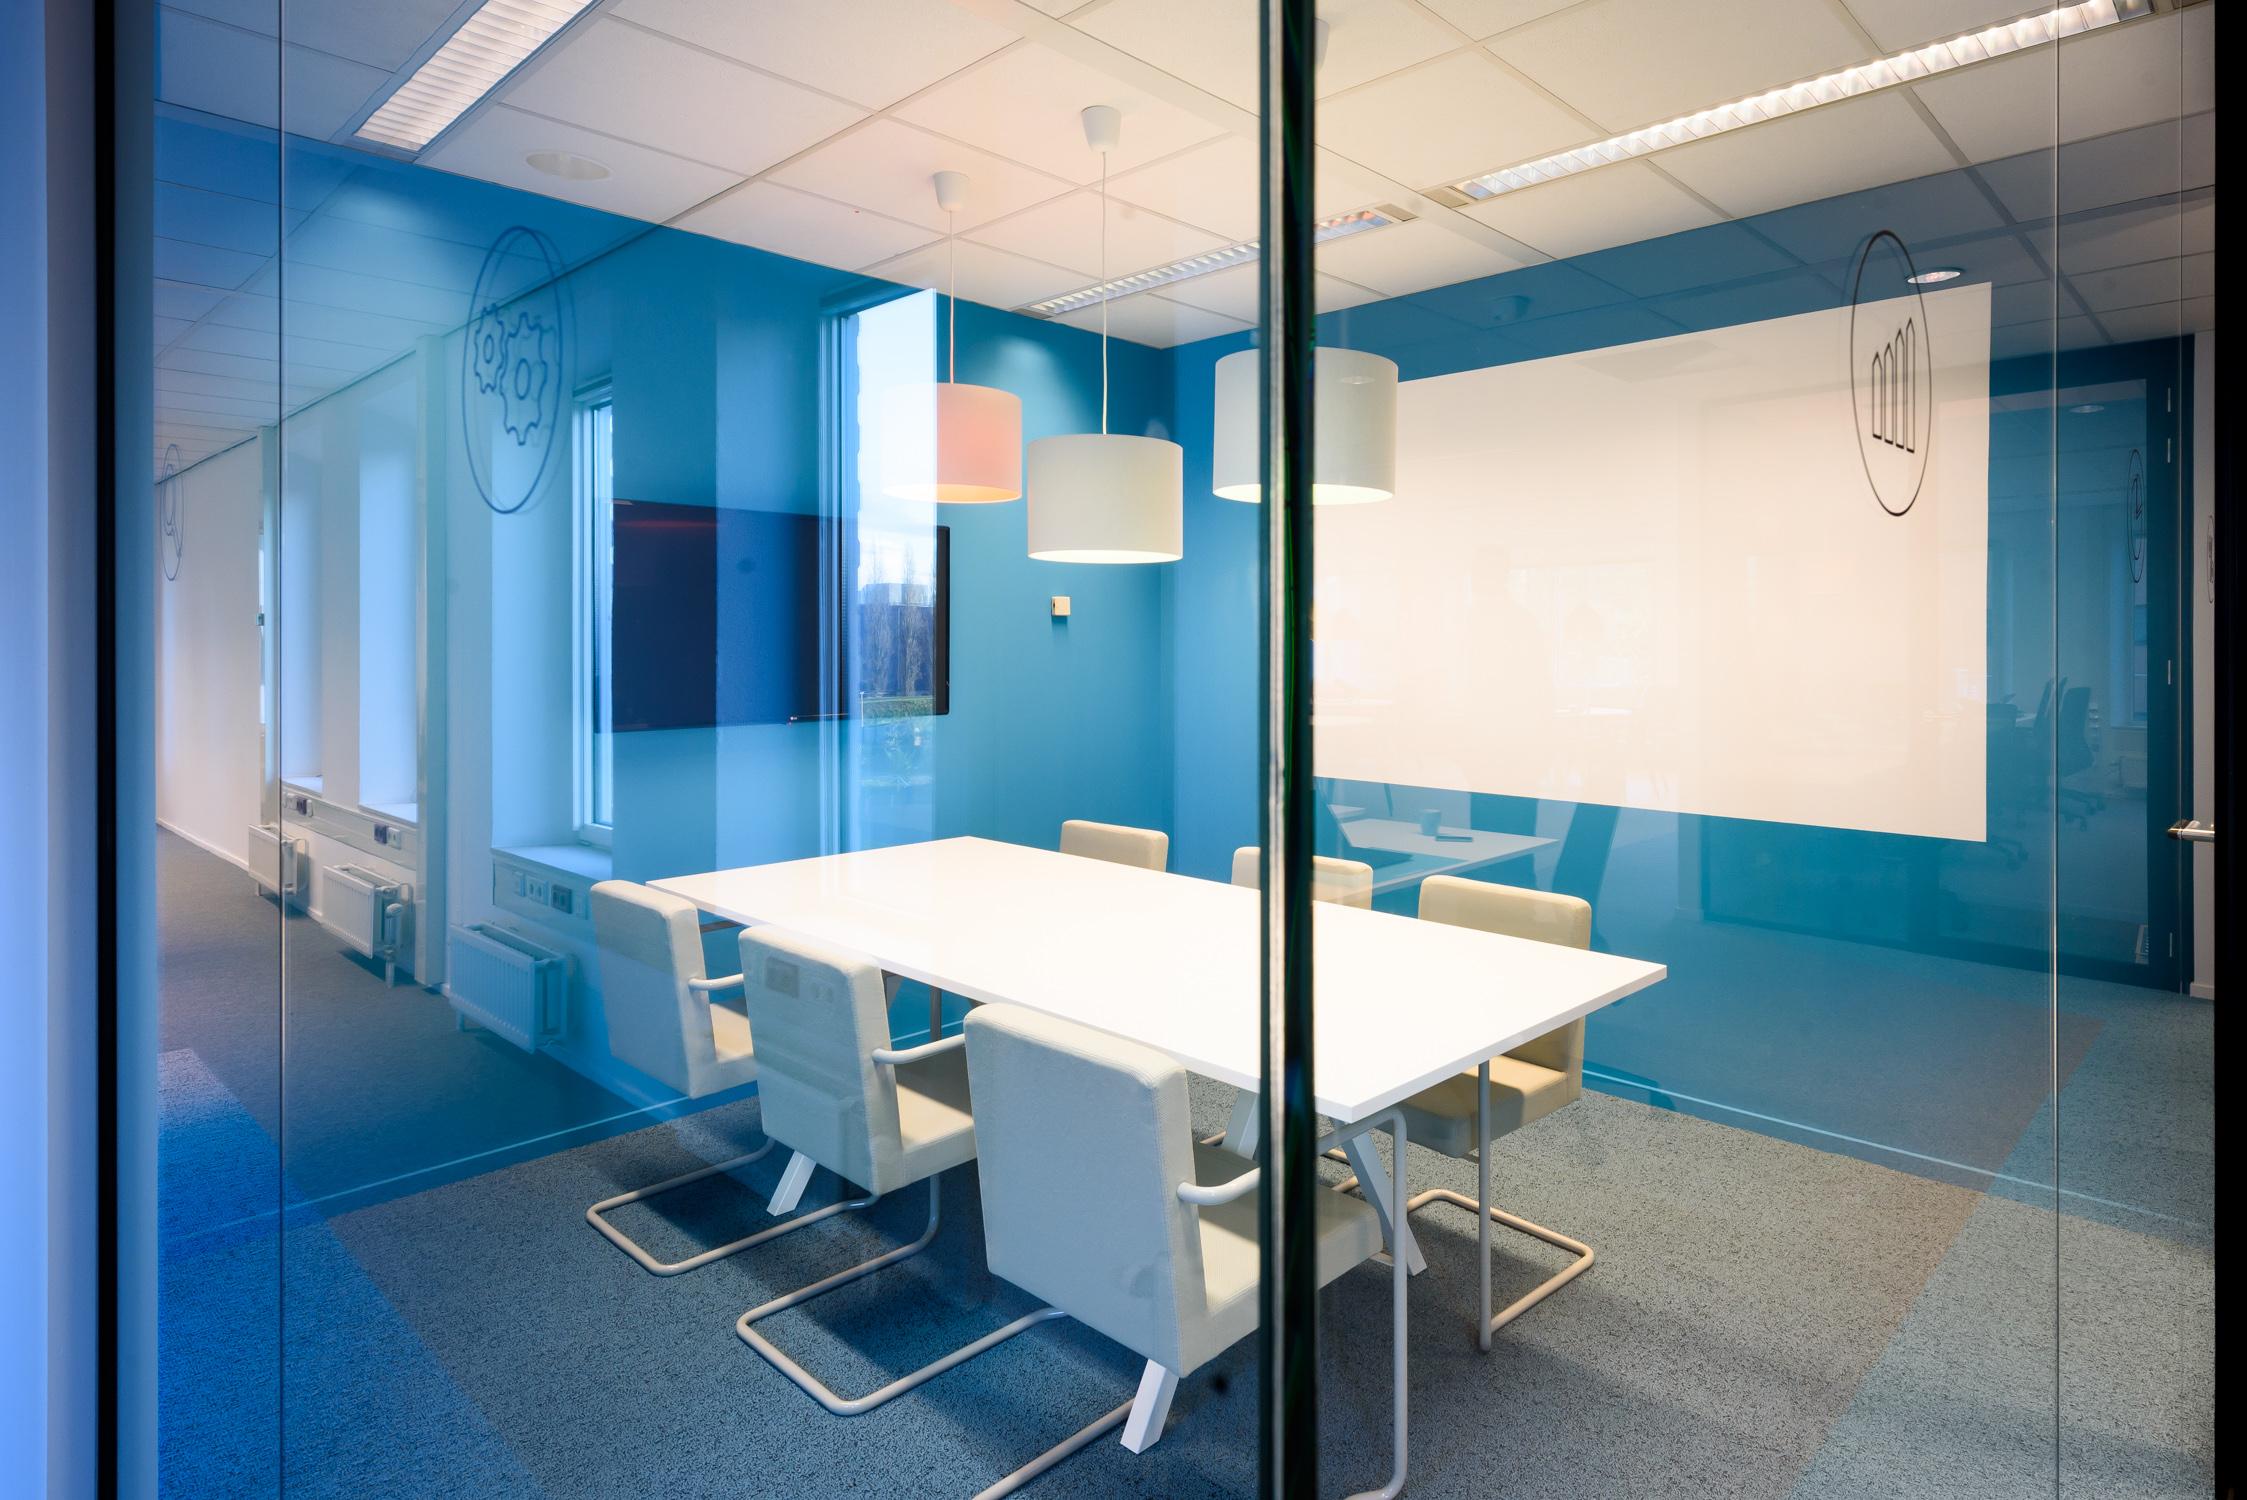 graydon-kantoor-061117_001.jpg